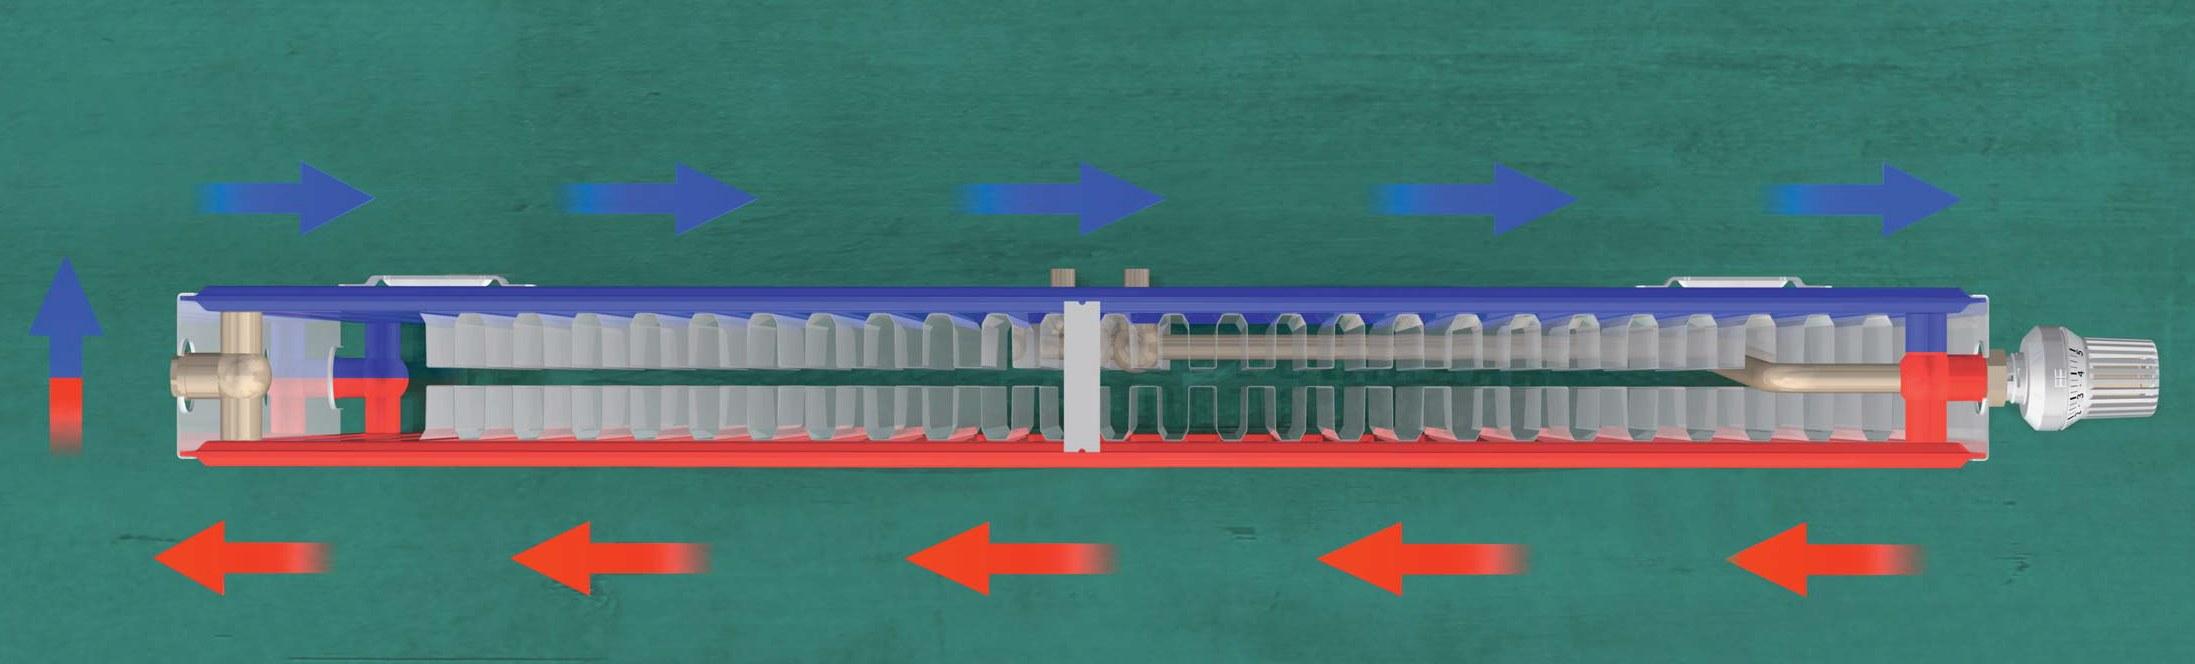 Circulatie agent termic in radiator